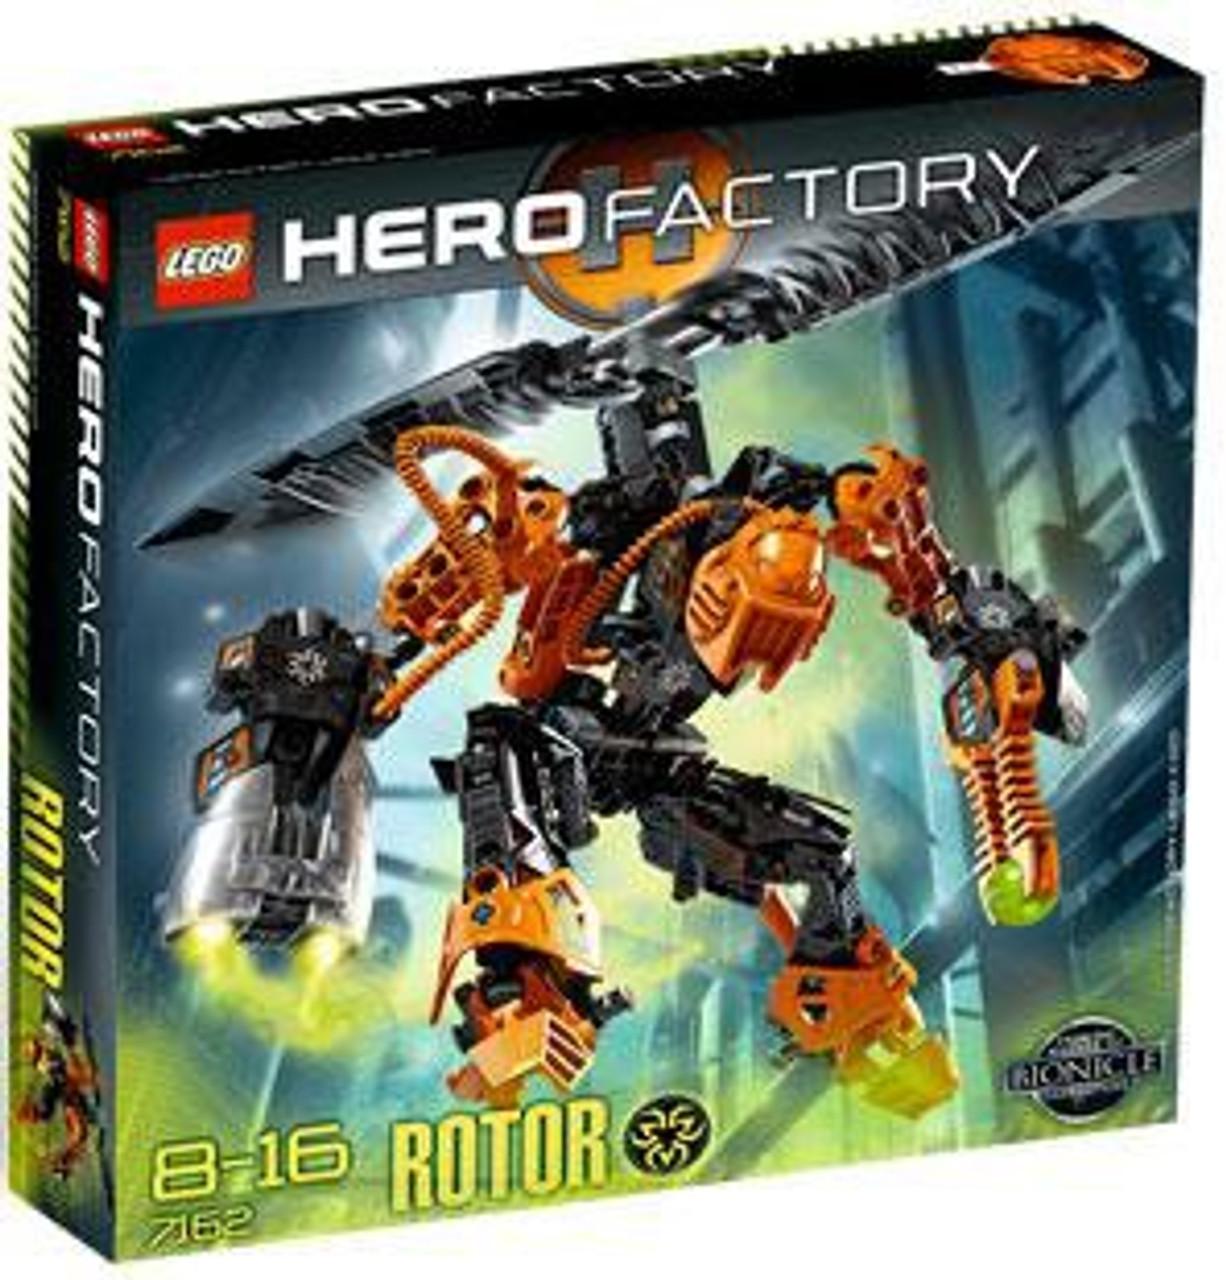 Lego Hero Factory Rotor Set 7162 Toywiz